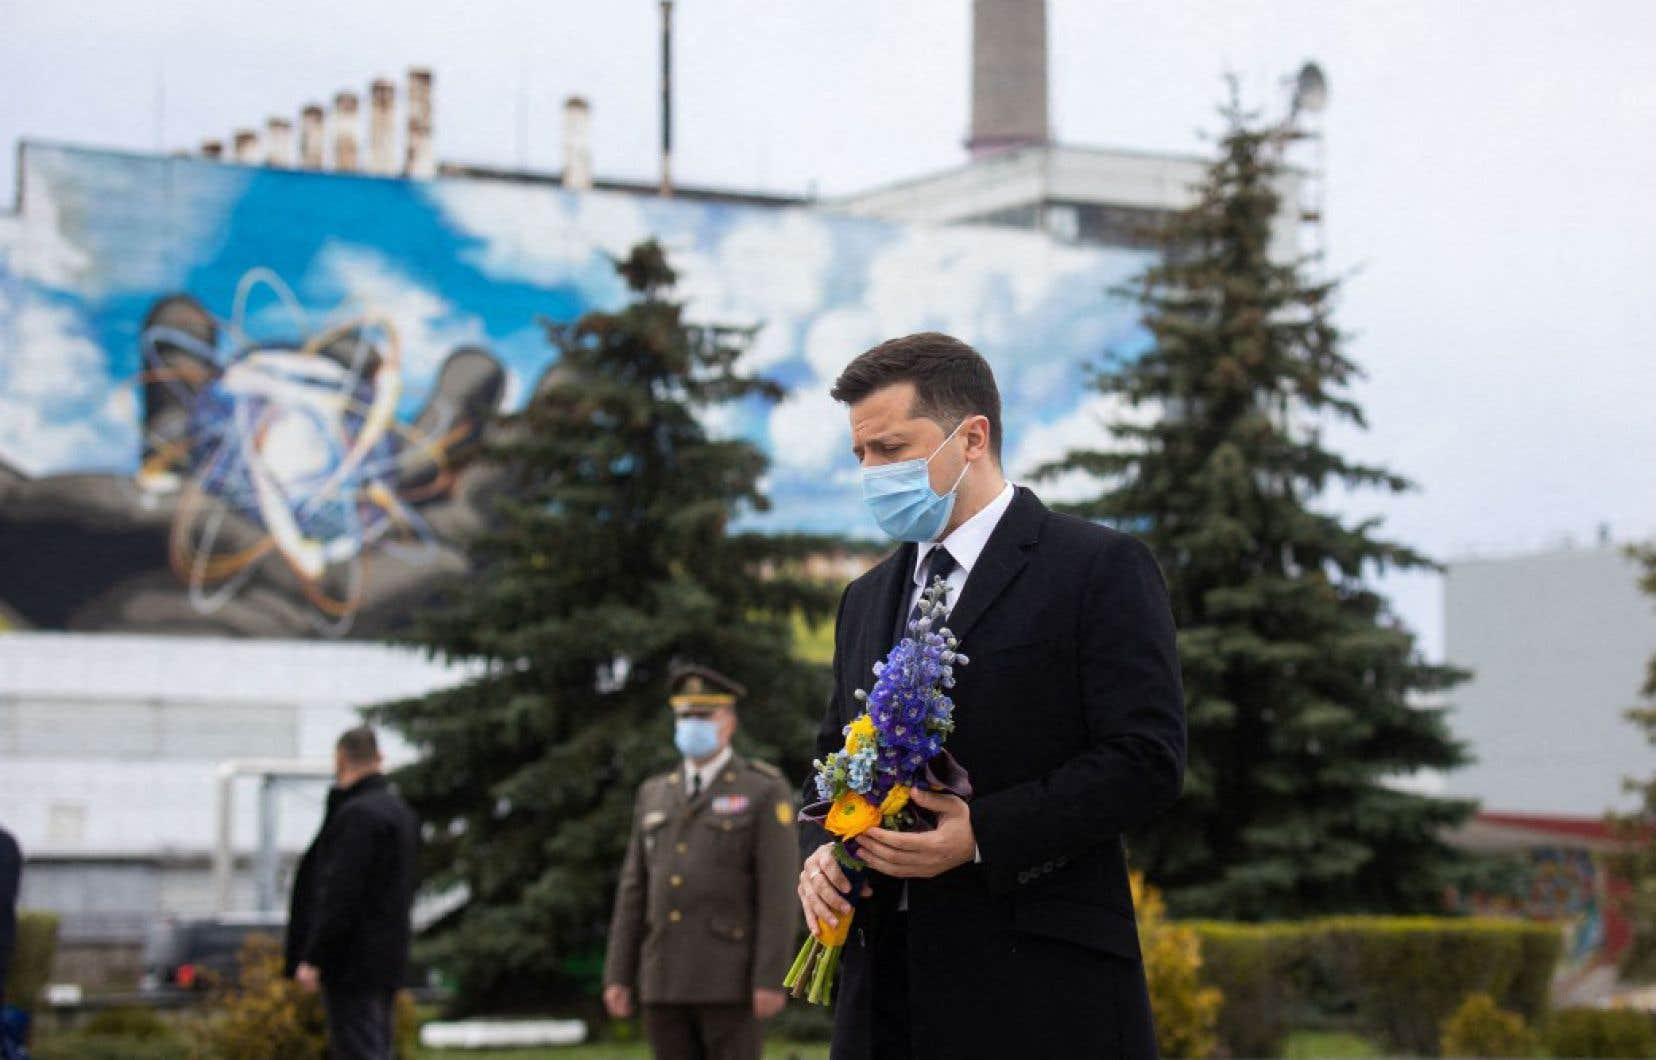 Le président Volodymyr Zelensky a appelé la communauté internationale à «renforcer la sécurité» nucléaire.